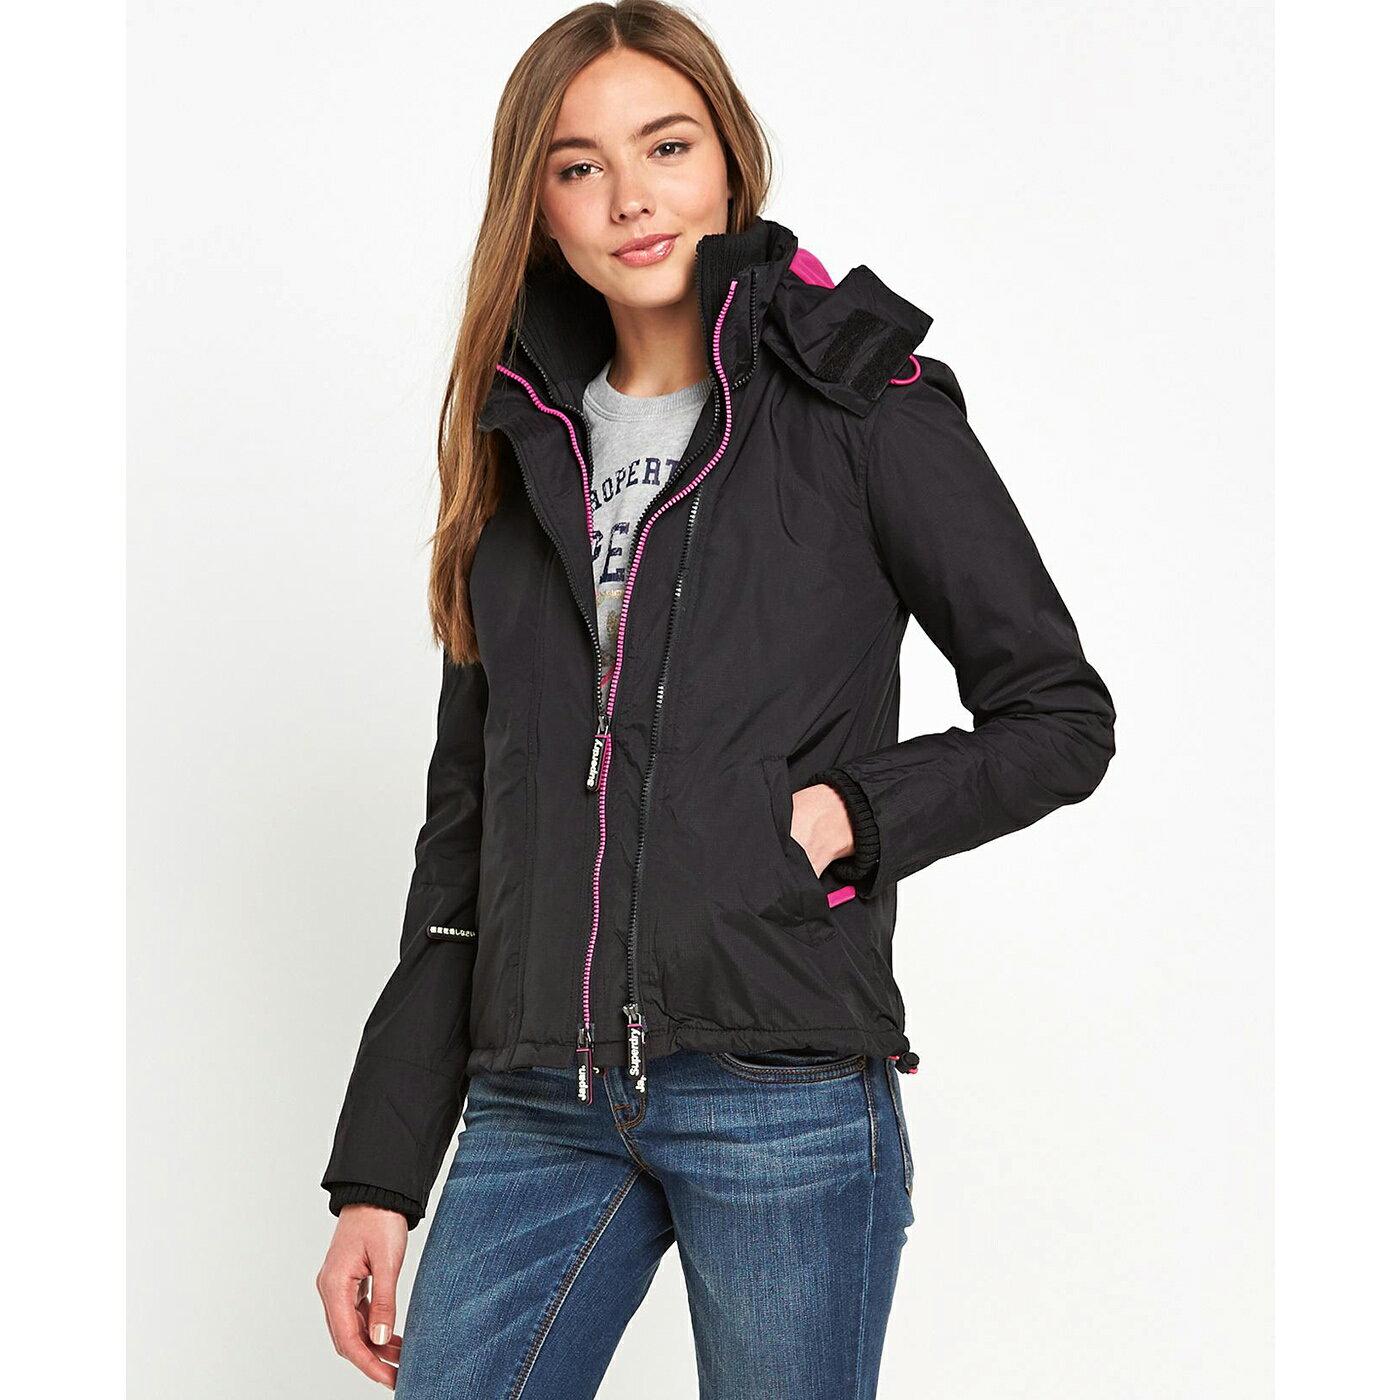 美國百分百【全新真品】Superdry 極度乾燥 風衣 連帽 外套 防風 夾克 刷毛 黑色 粉紅 女 S號 F856